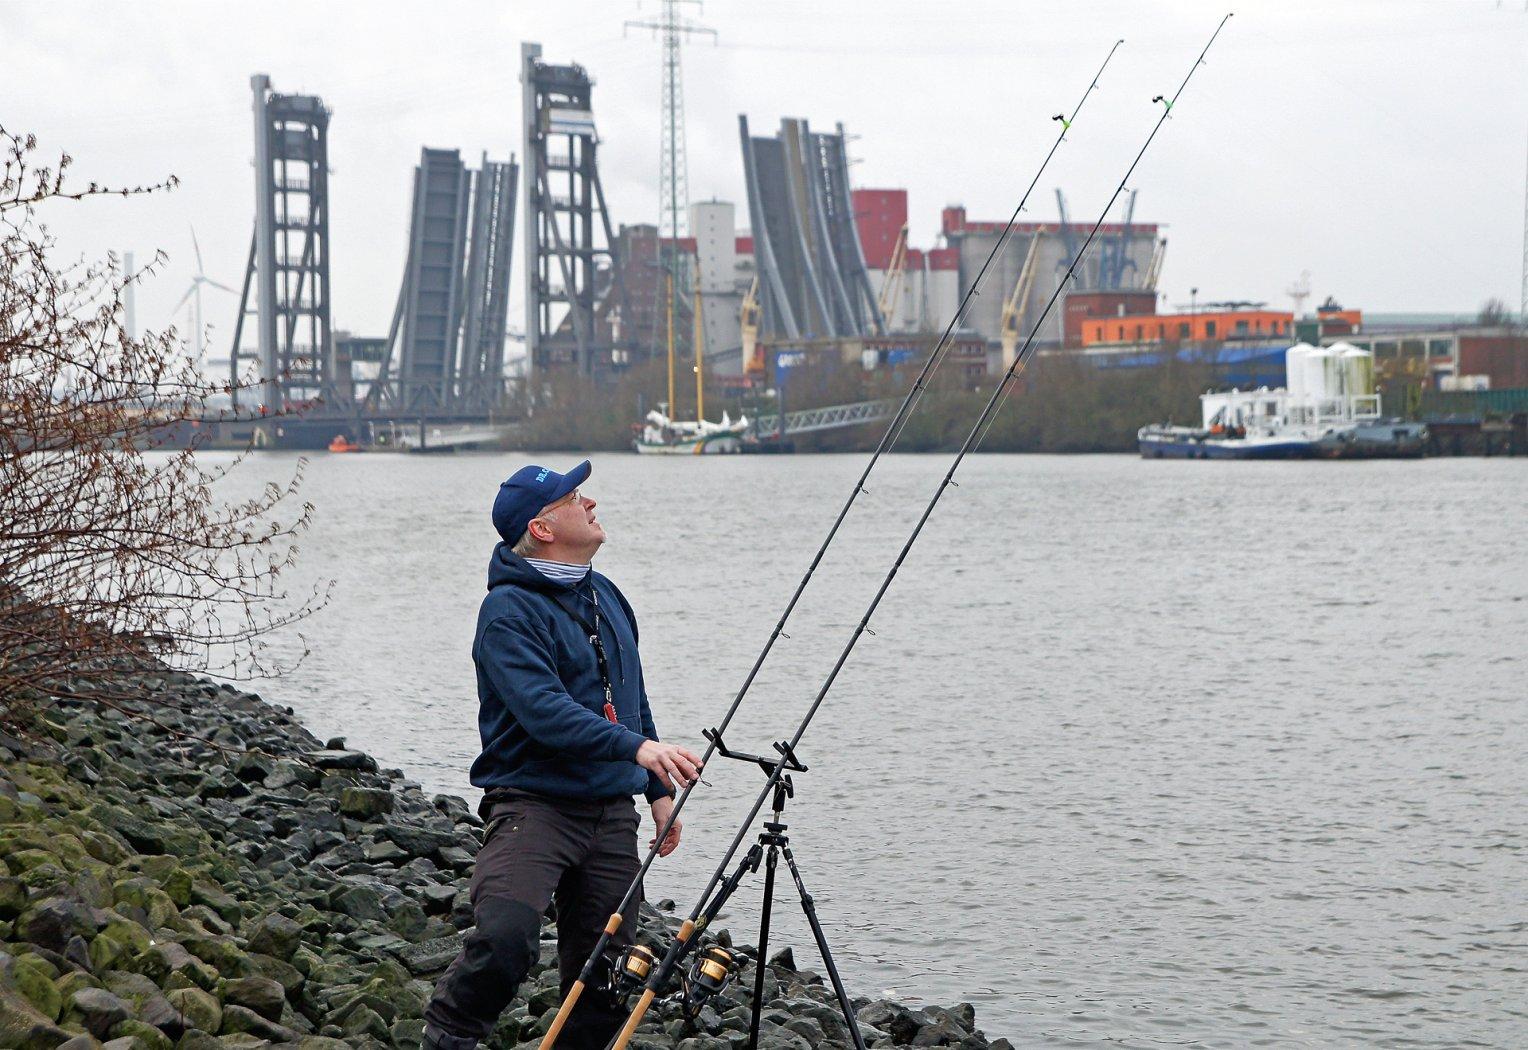 Zanderangeln am Hamburger Hafen